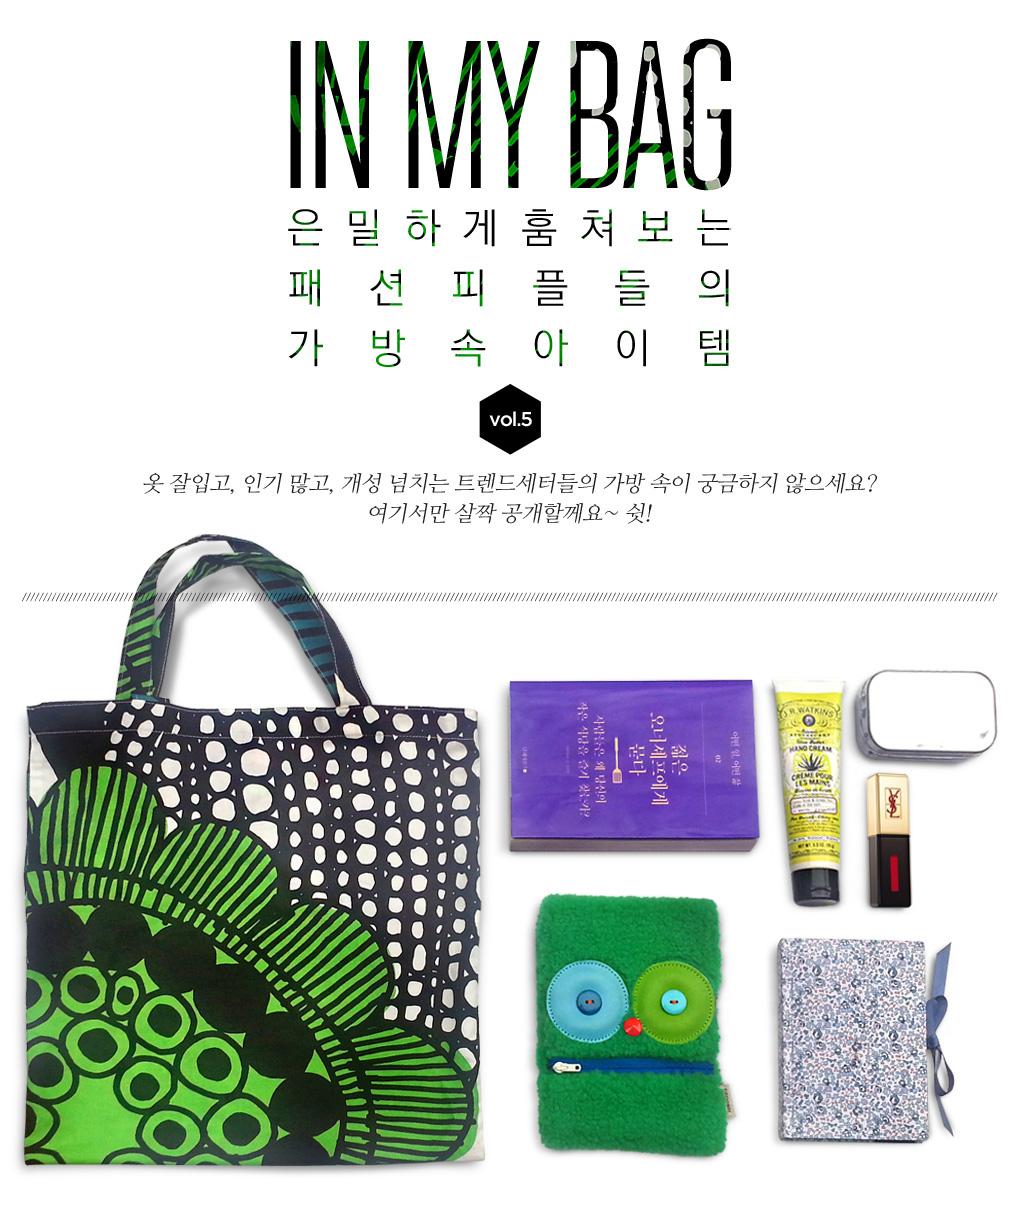 은밀하게 훔쳐보는 패션피플들의 가방 속 아이템 인마이백 릴레이 5탄 _ 김이연